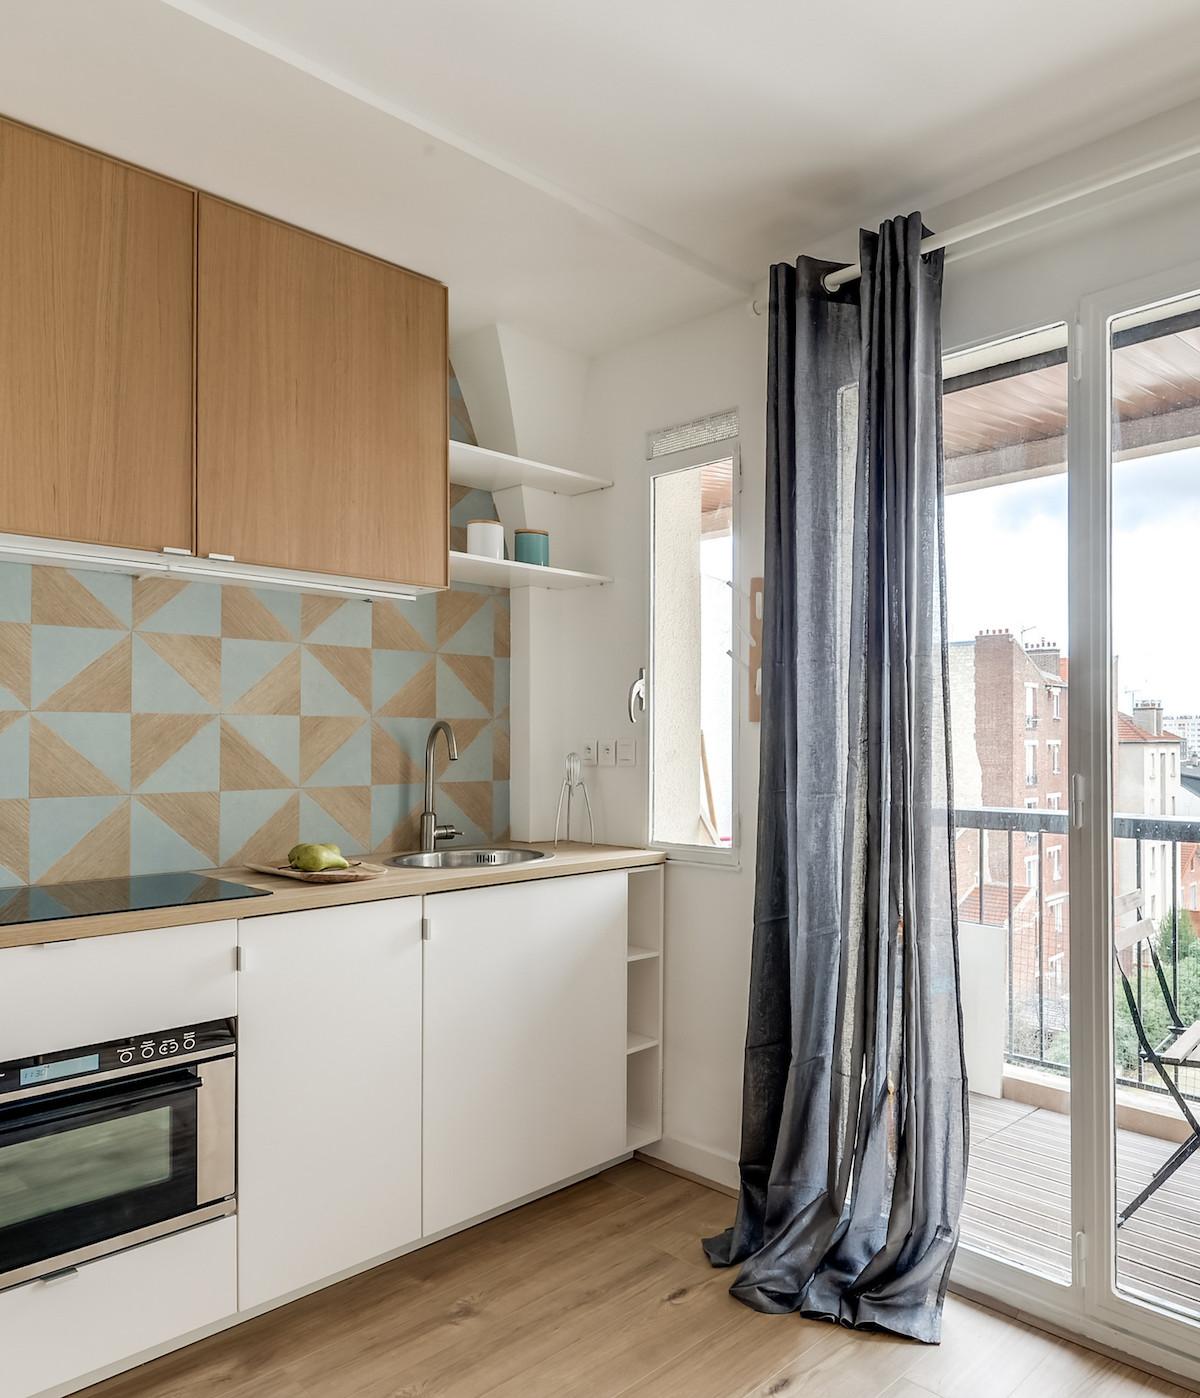 clemaroundthecorner cuisine ouverte mur géométrique bleu bois parquet chêne clair